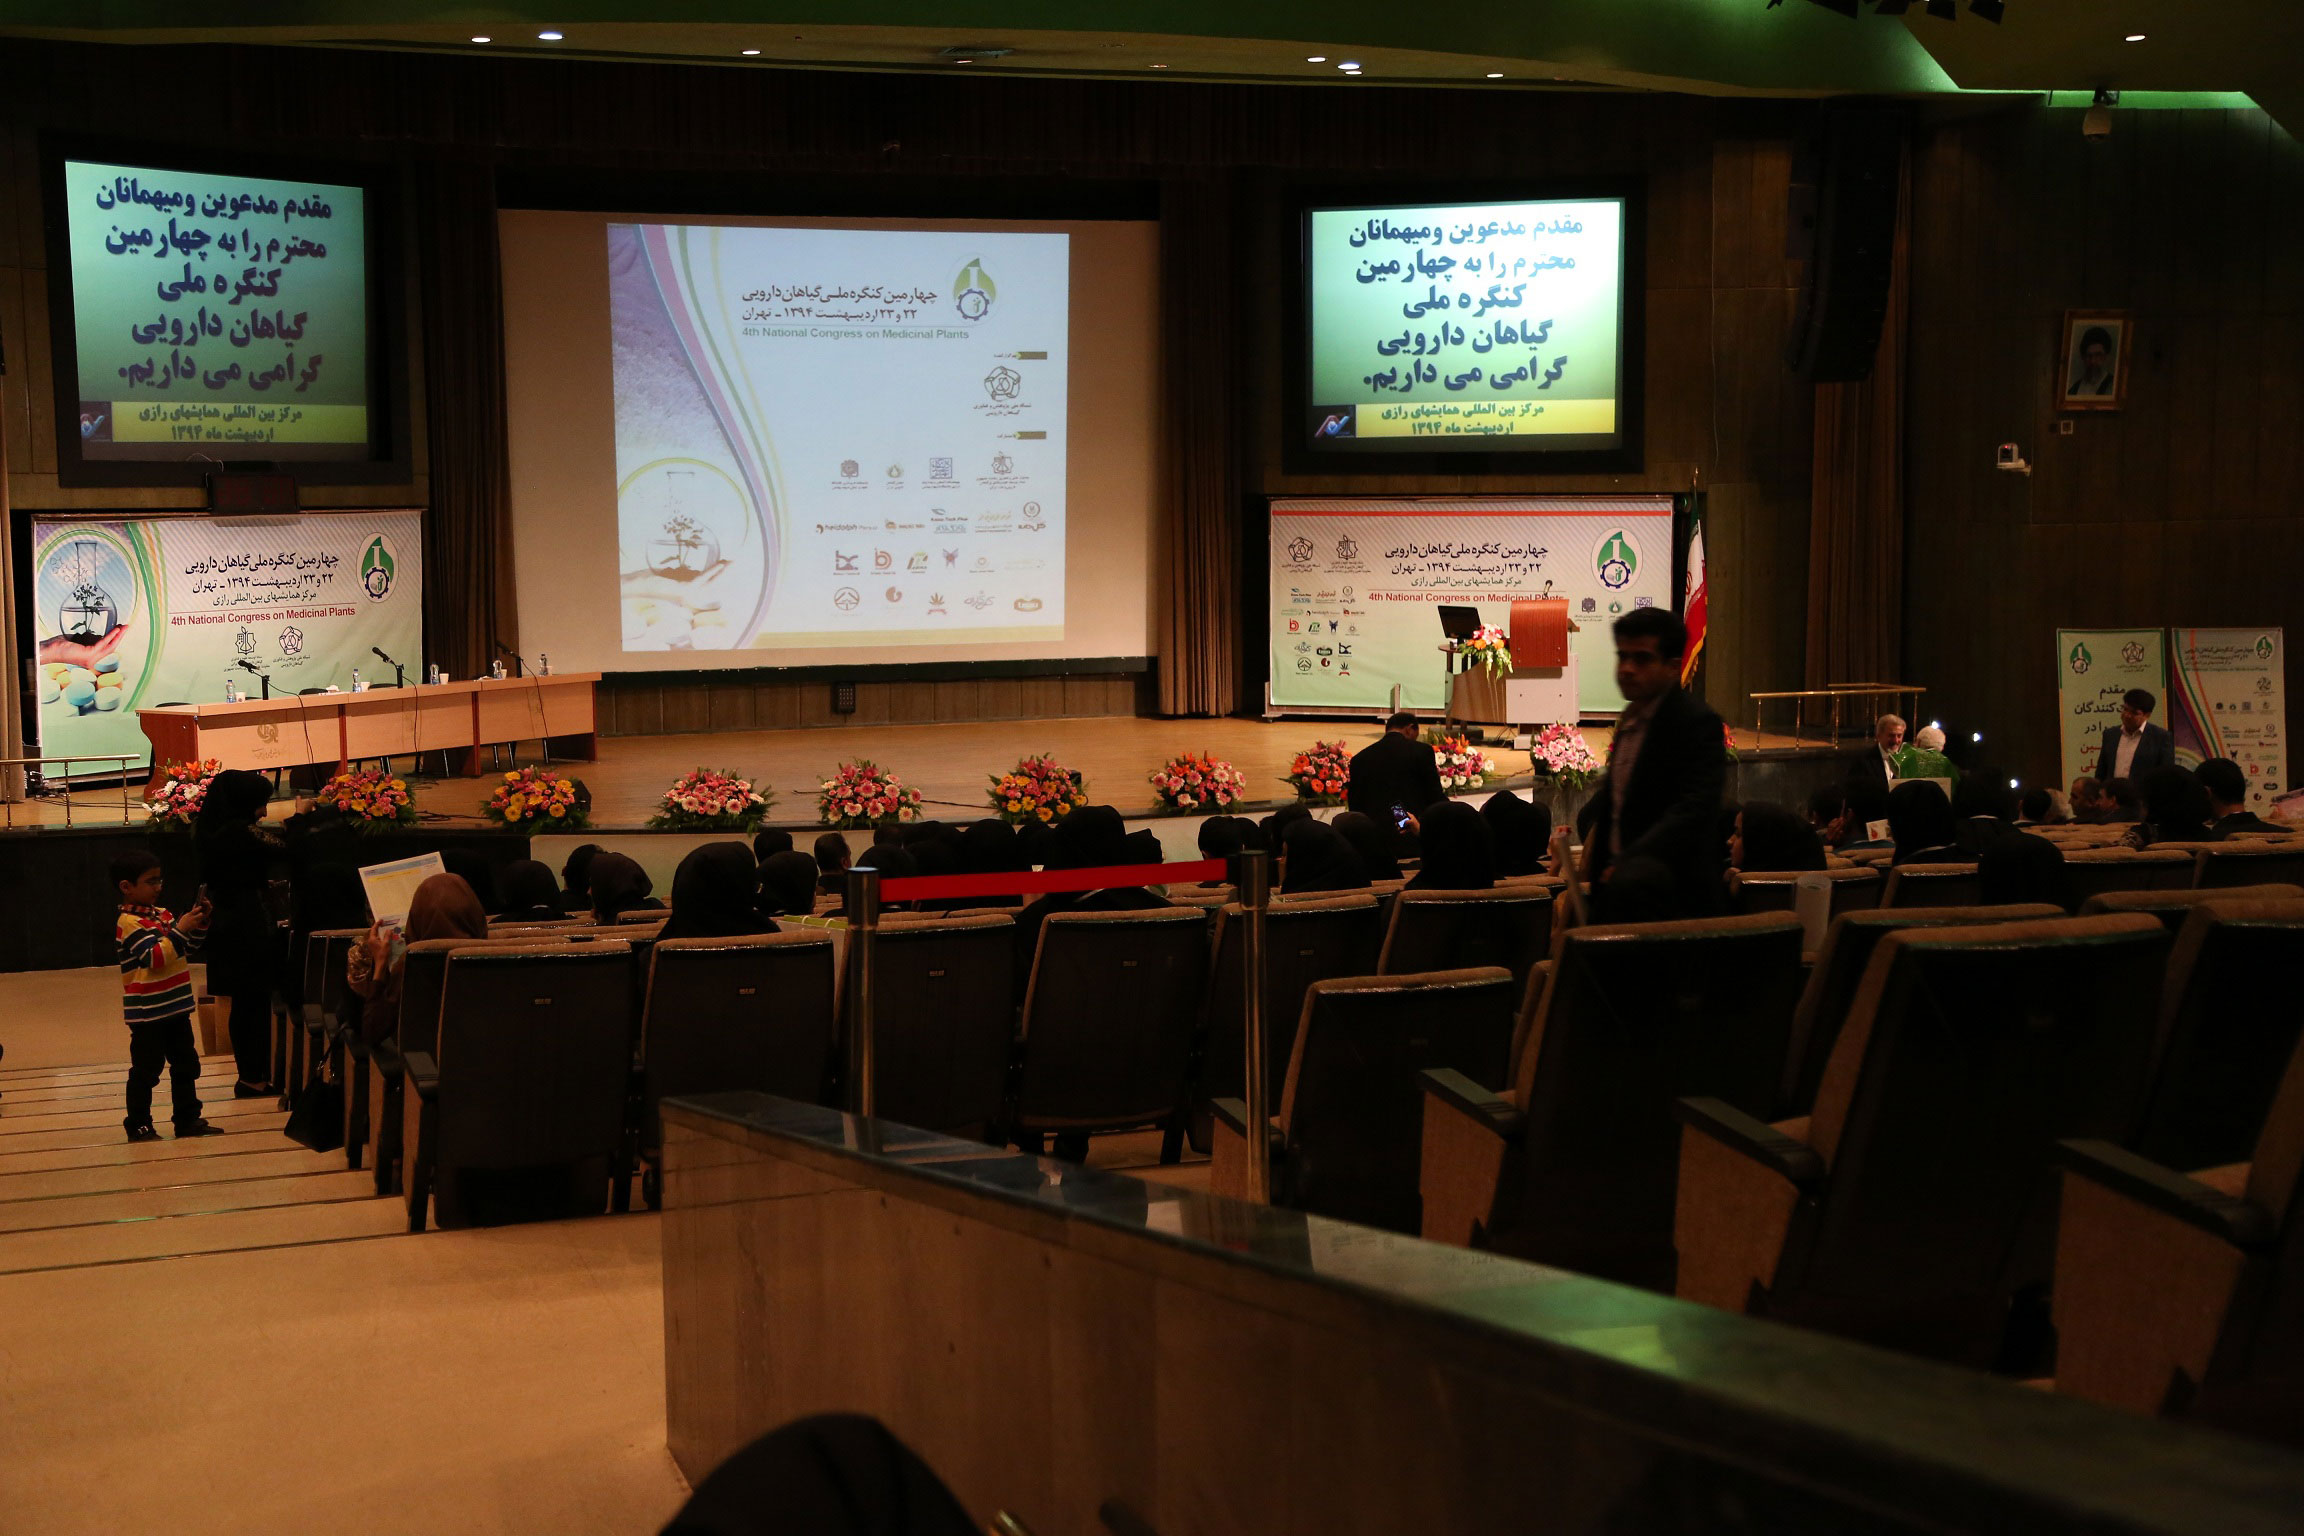 چهارمین کنگره گیاهان دارویی (1)